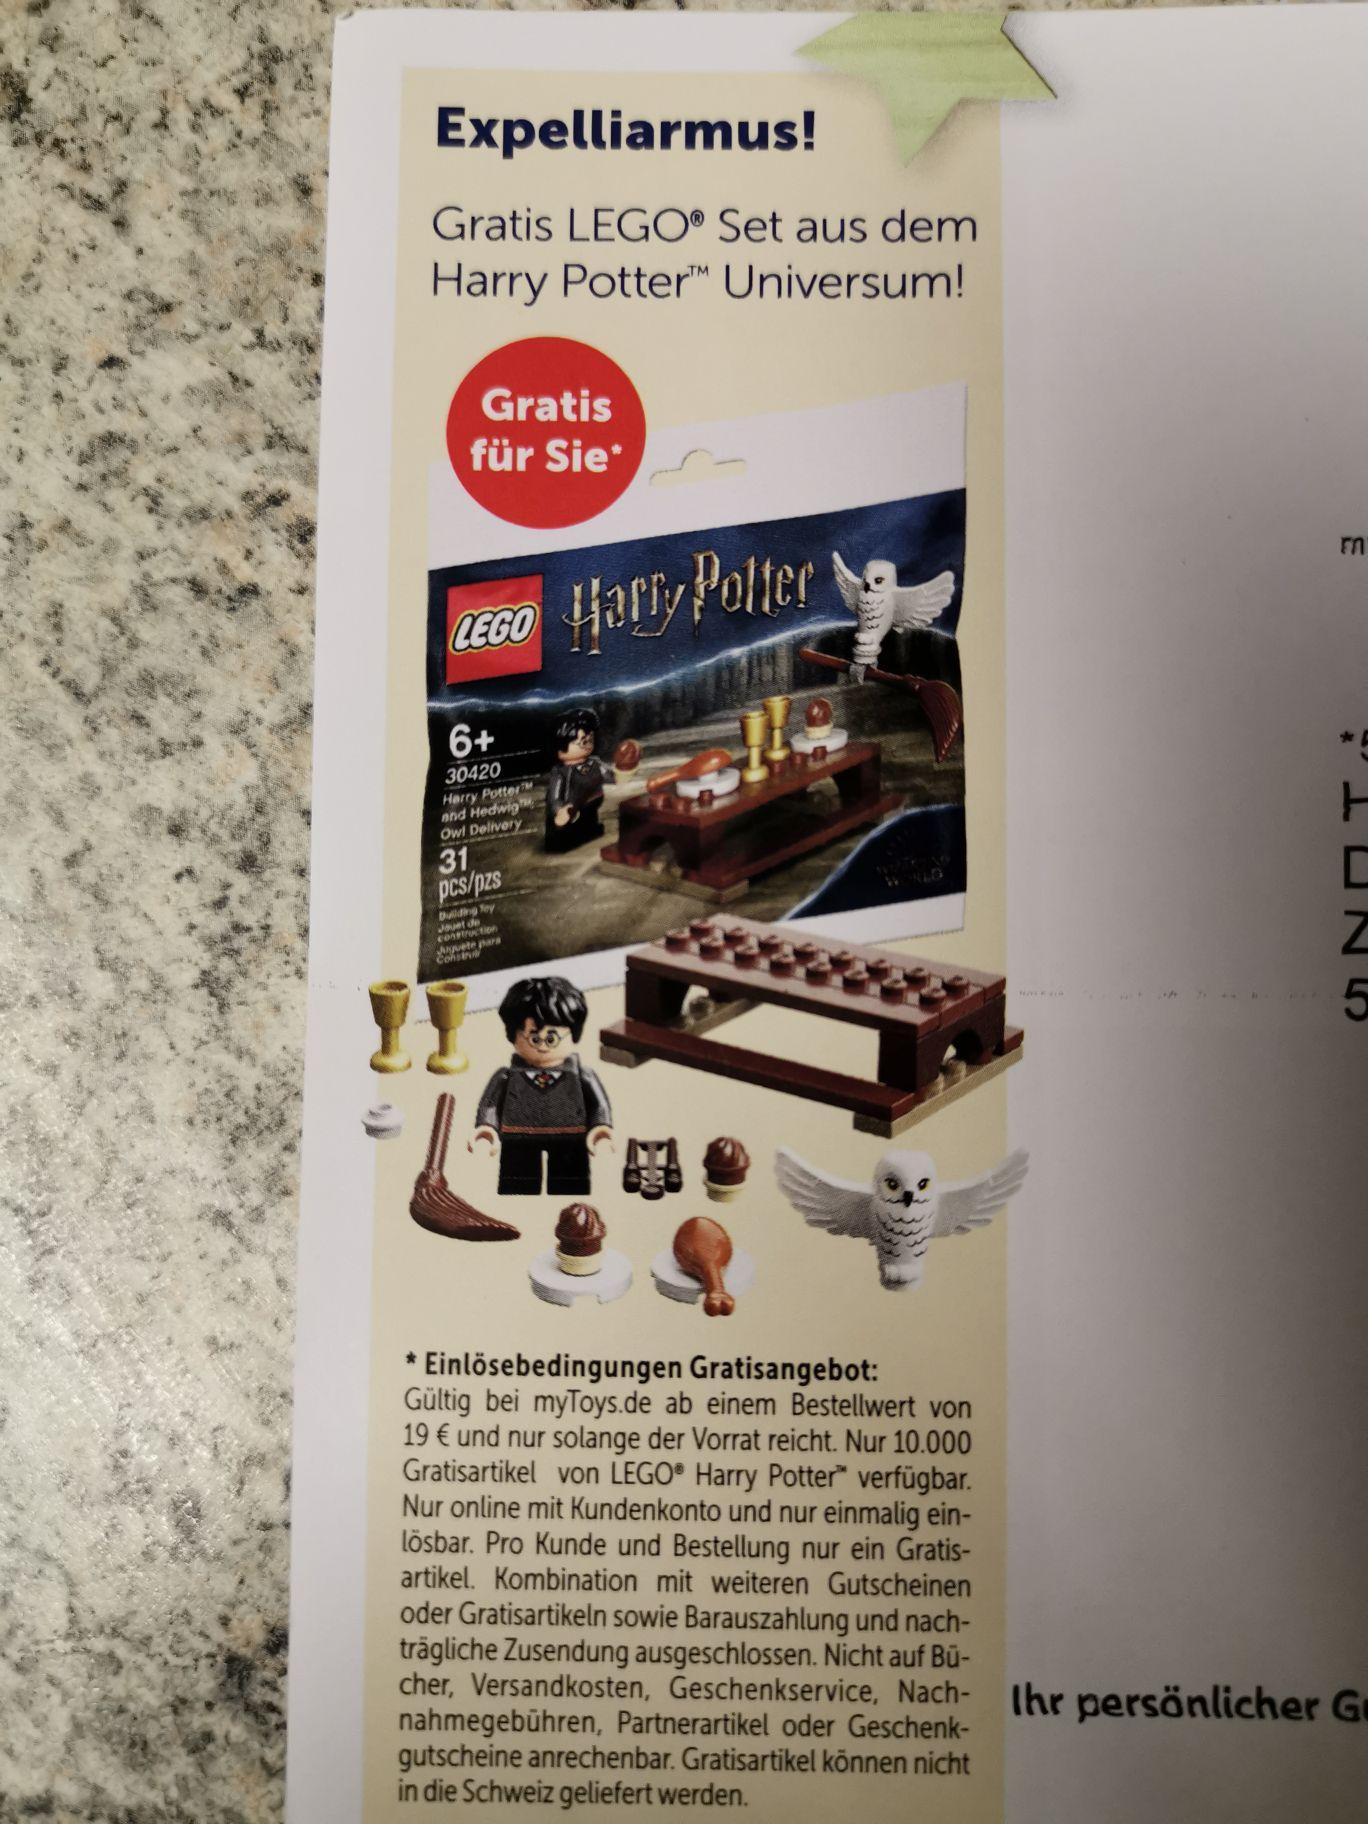 Gratis LEGO Harry Potter Set als Zugabe (MBW 19€)